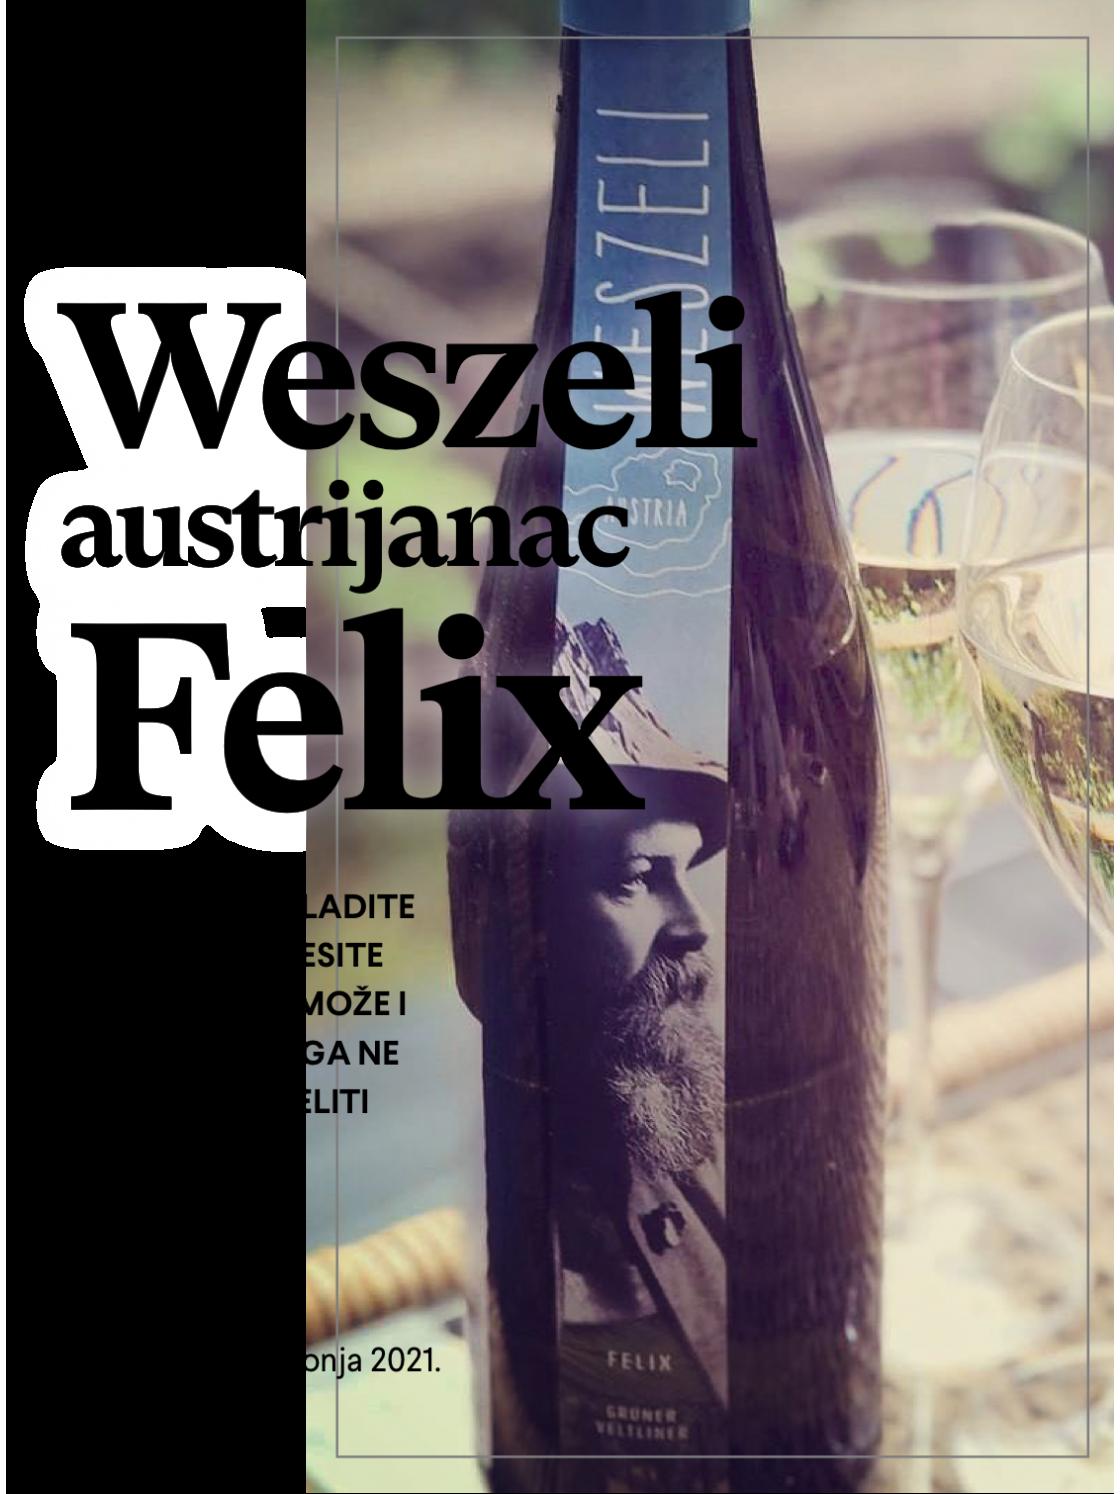 Weszeli Felix